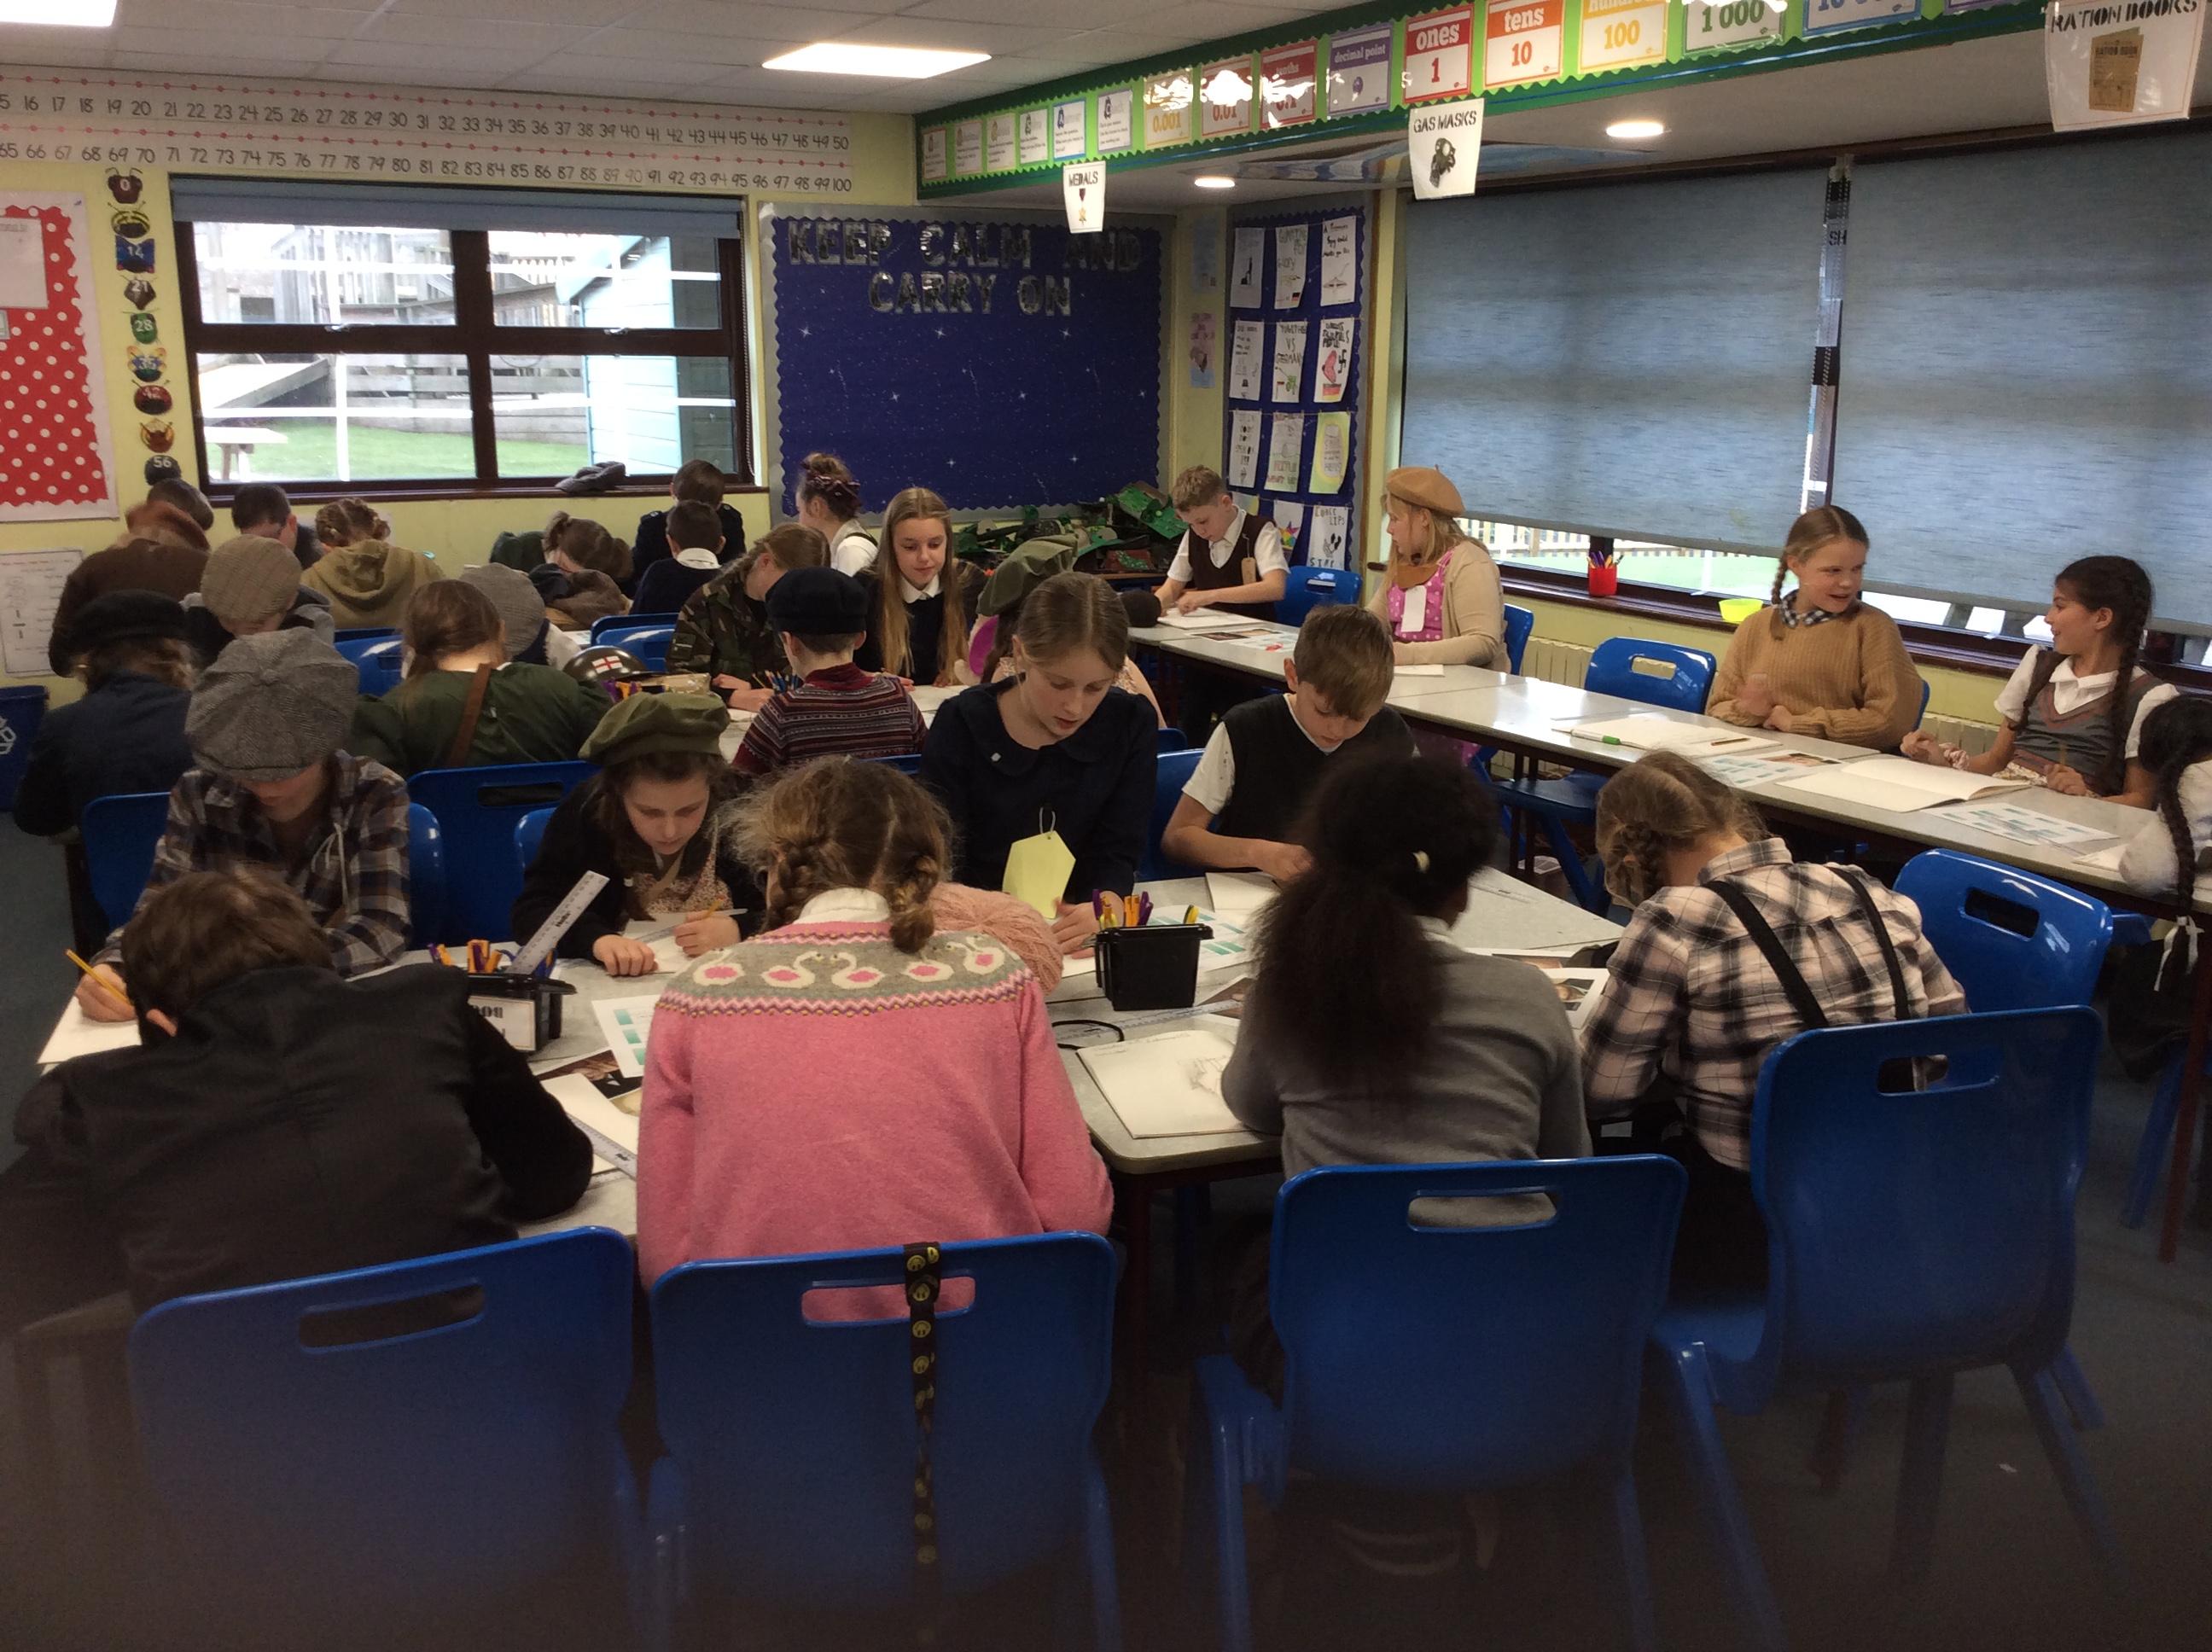 IMG_3669 - Sedlescombe CE Primary School